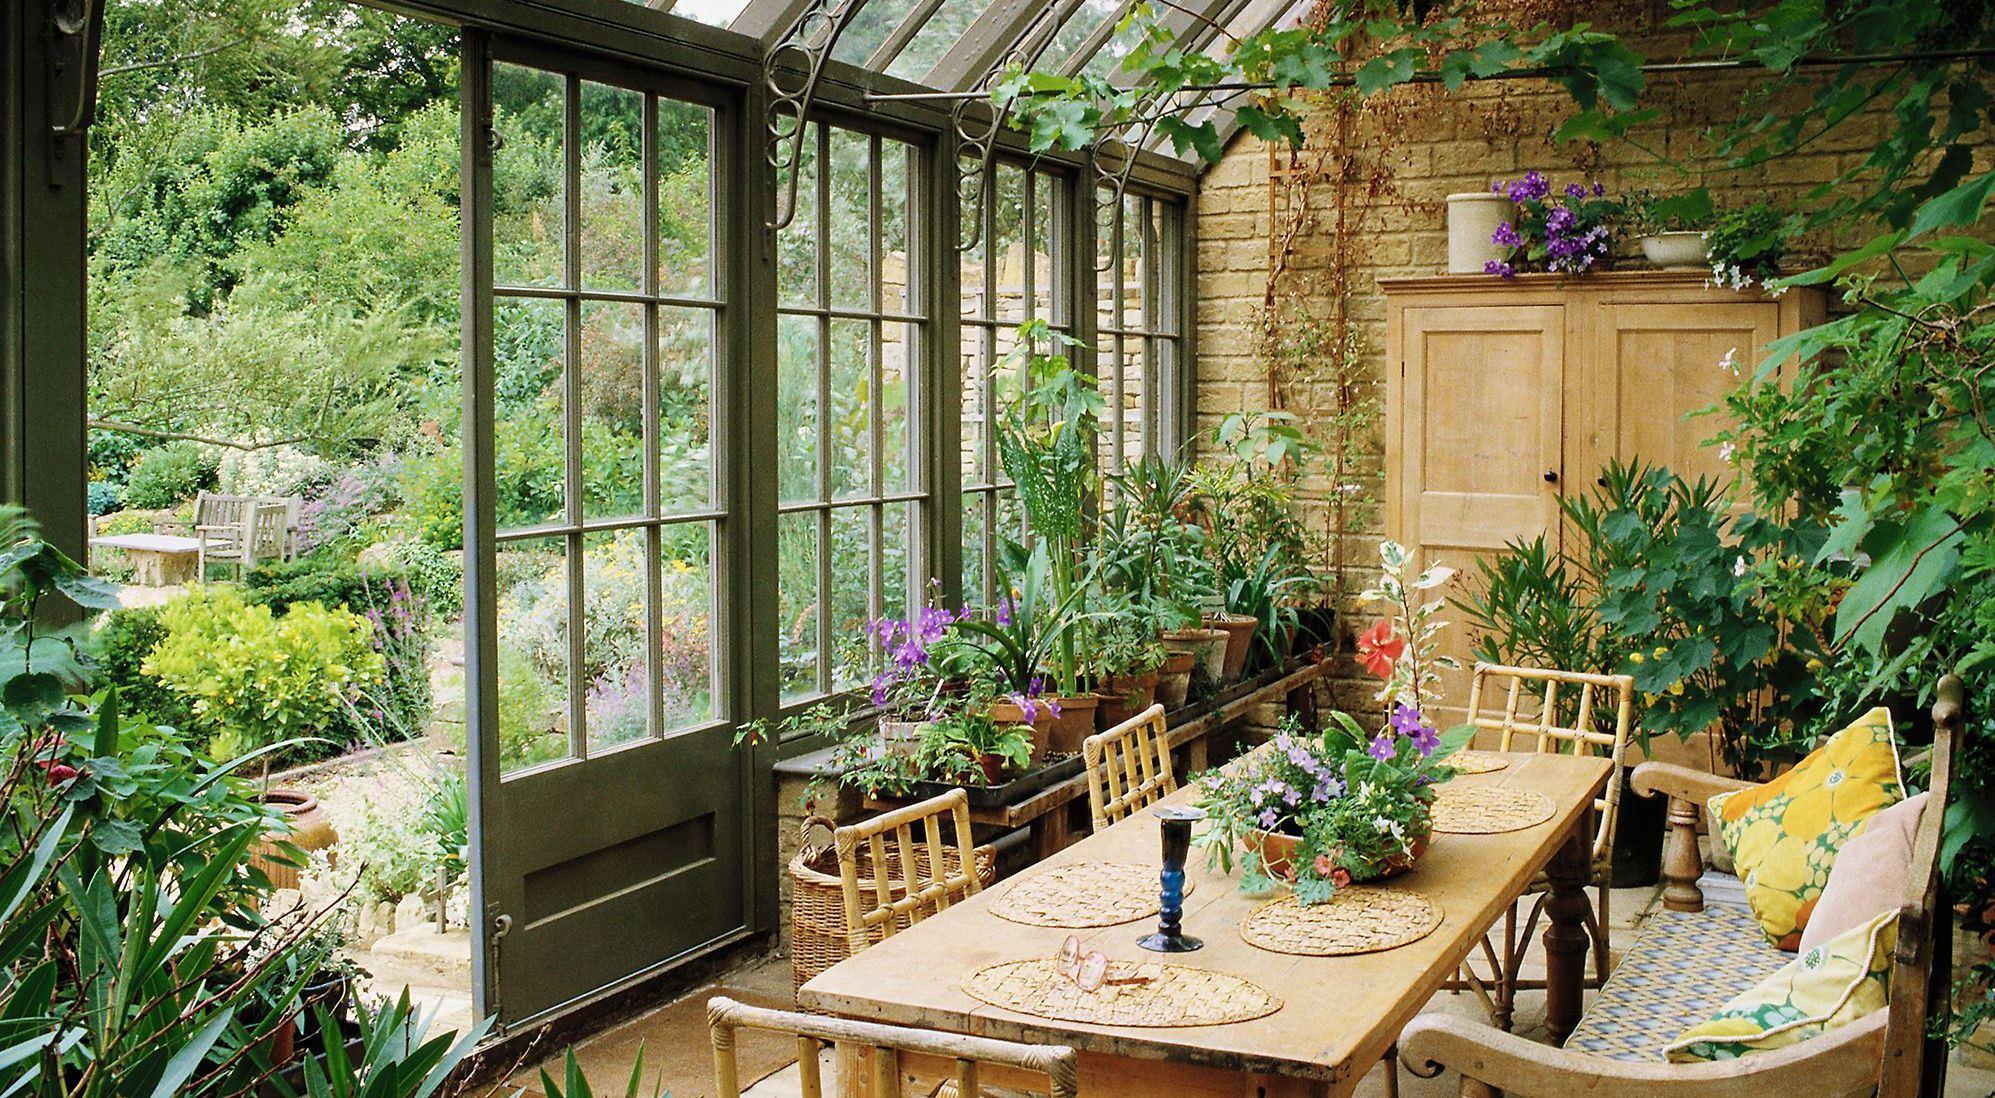 Prodlužte si léto v zimní zahradě